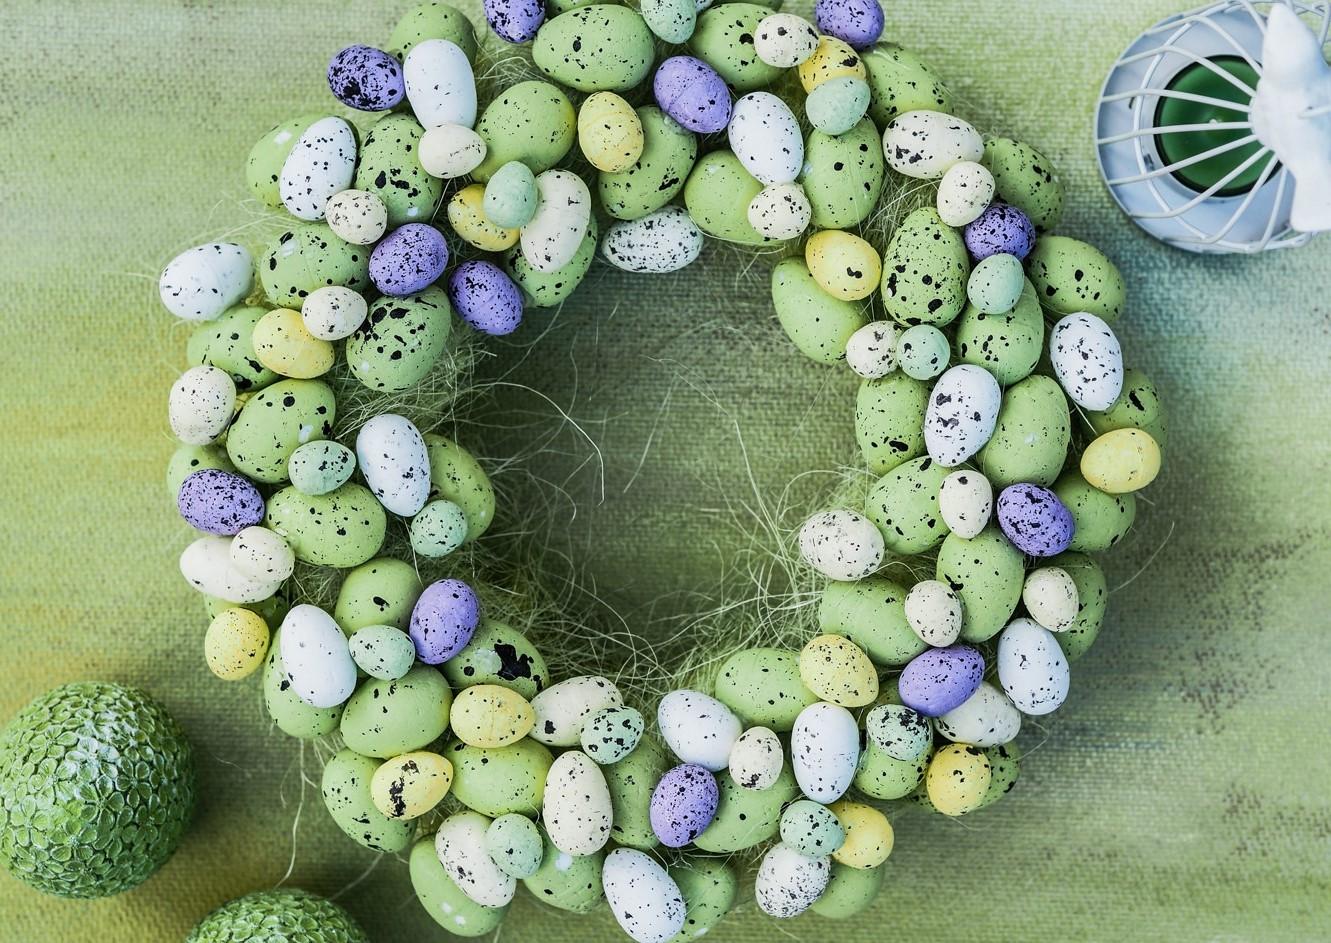 Couronne de Pâques à faire soi-même avec plein d'oeufs